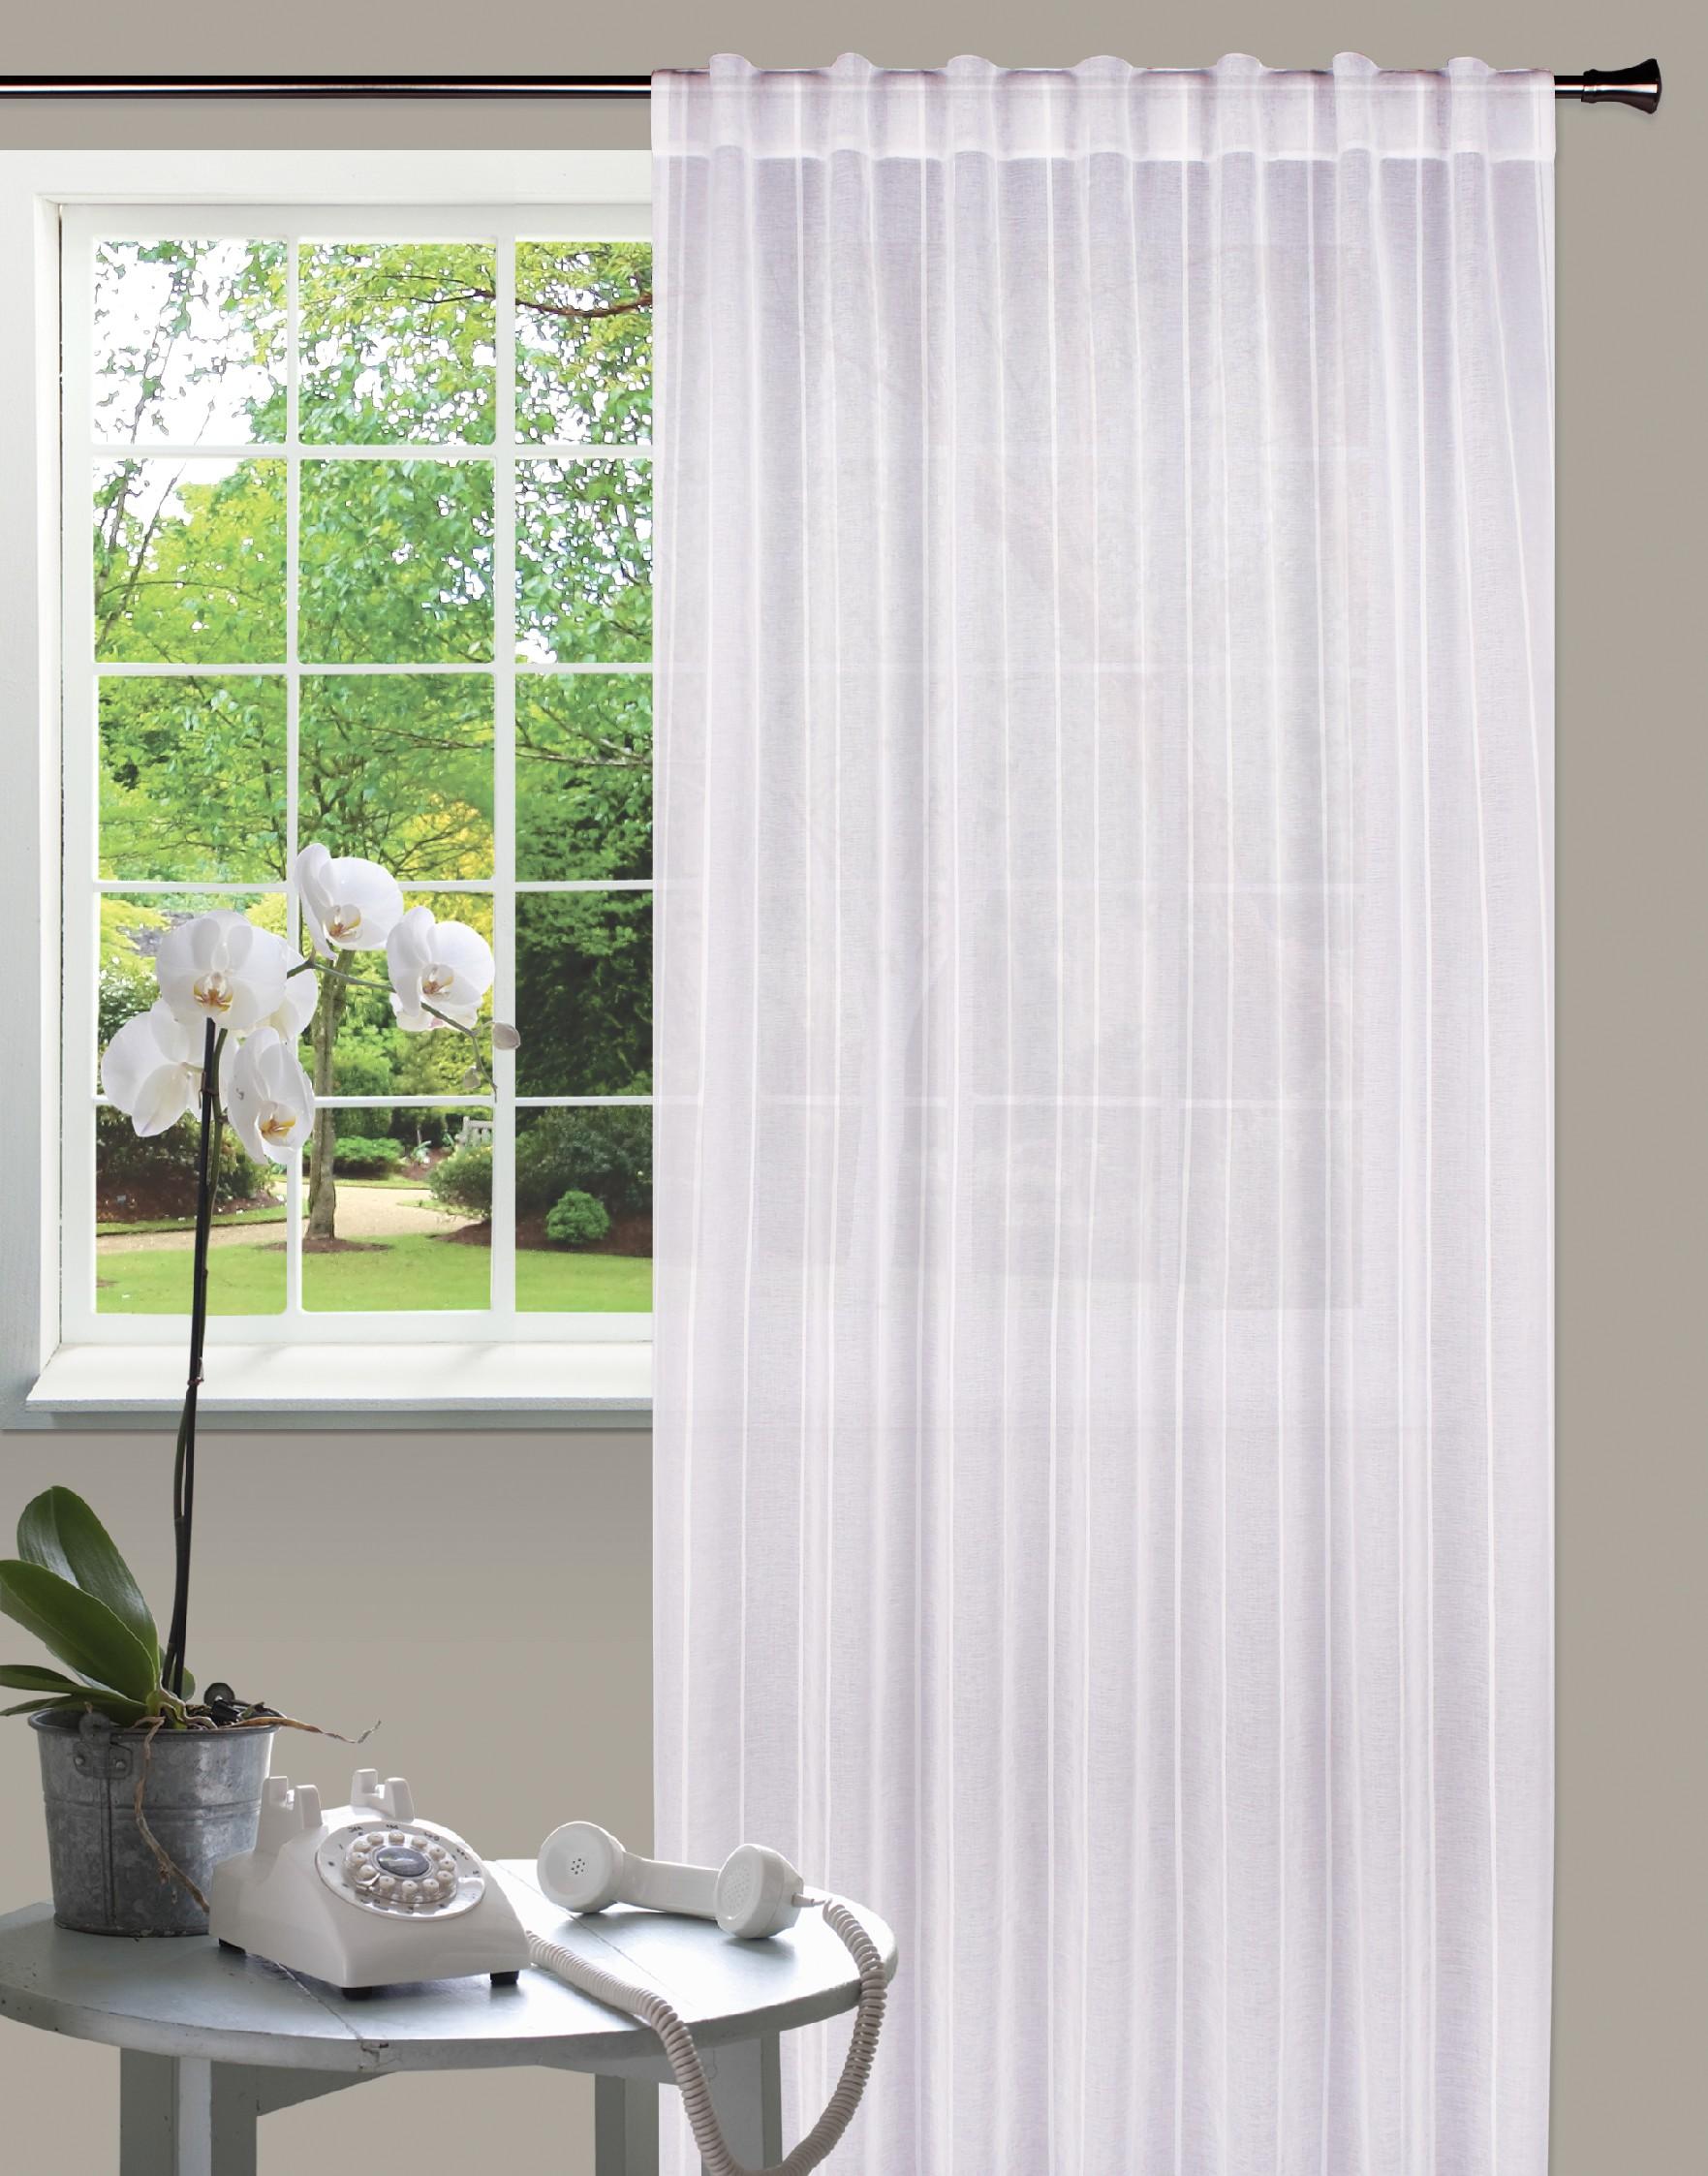 Dekorační záclona ANDY bílá 140x245 cm MyBestHome